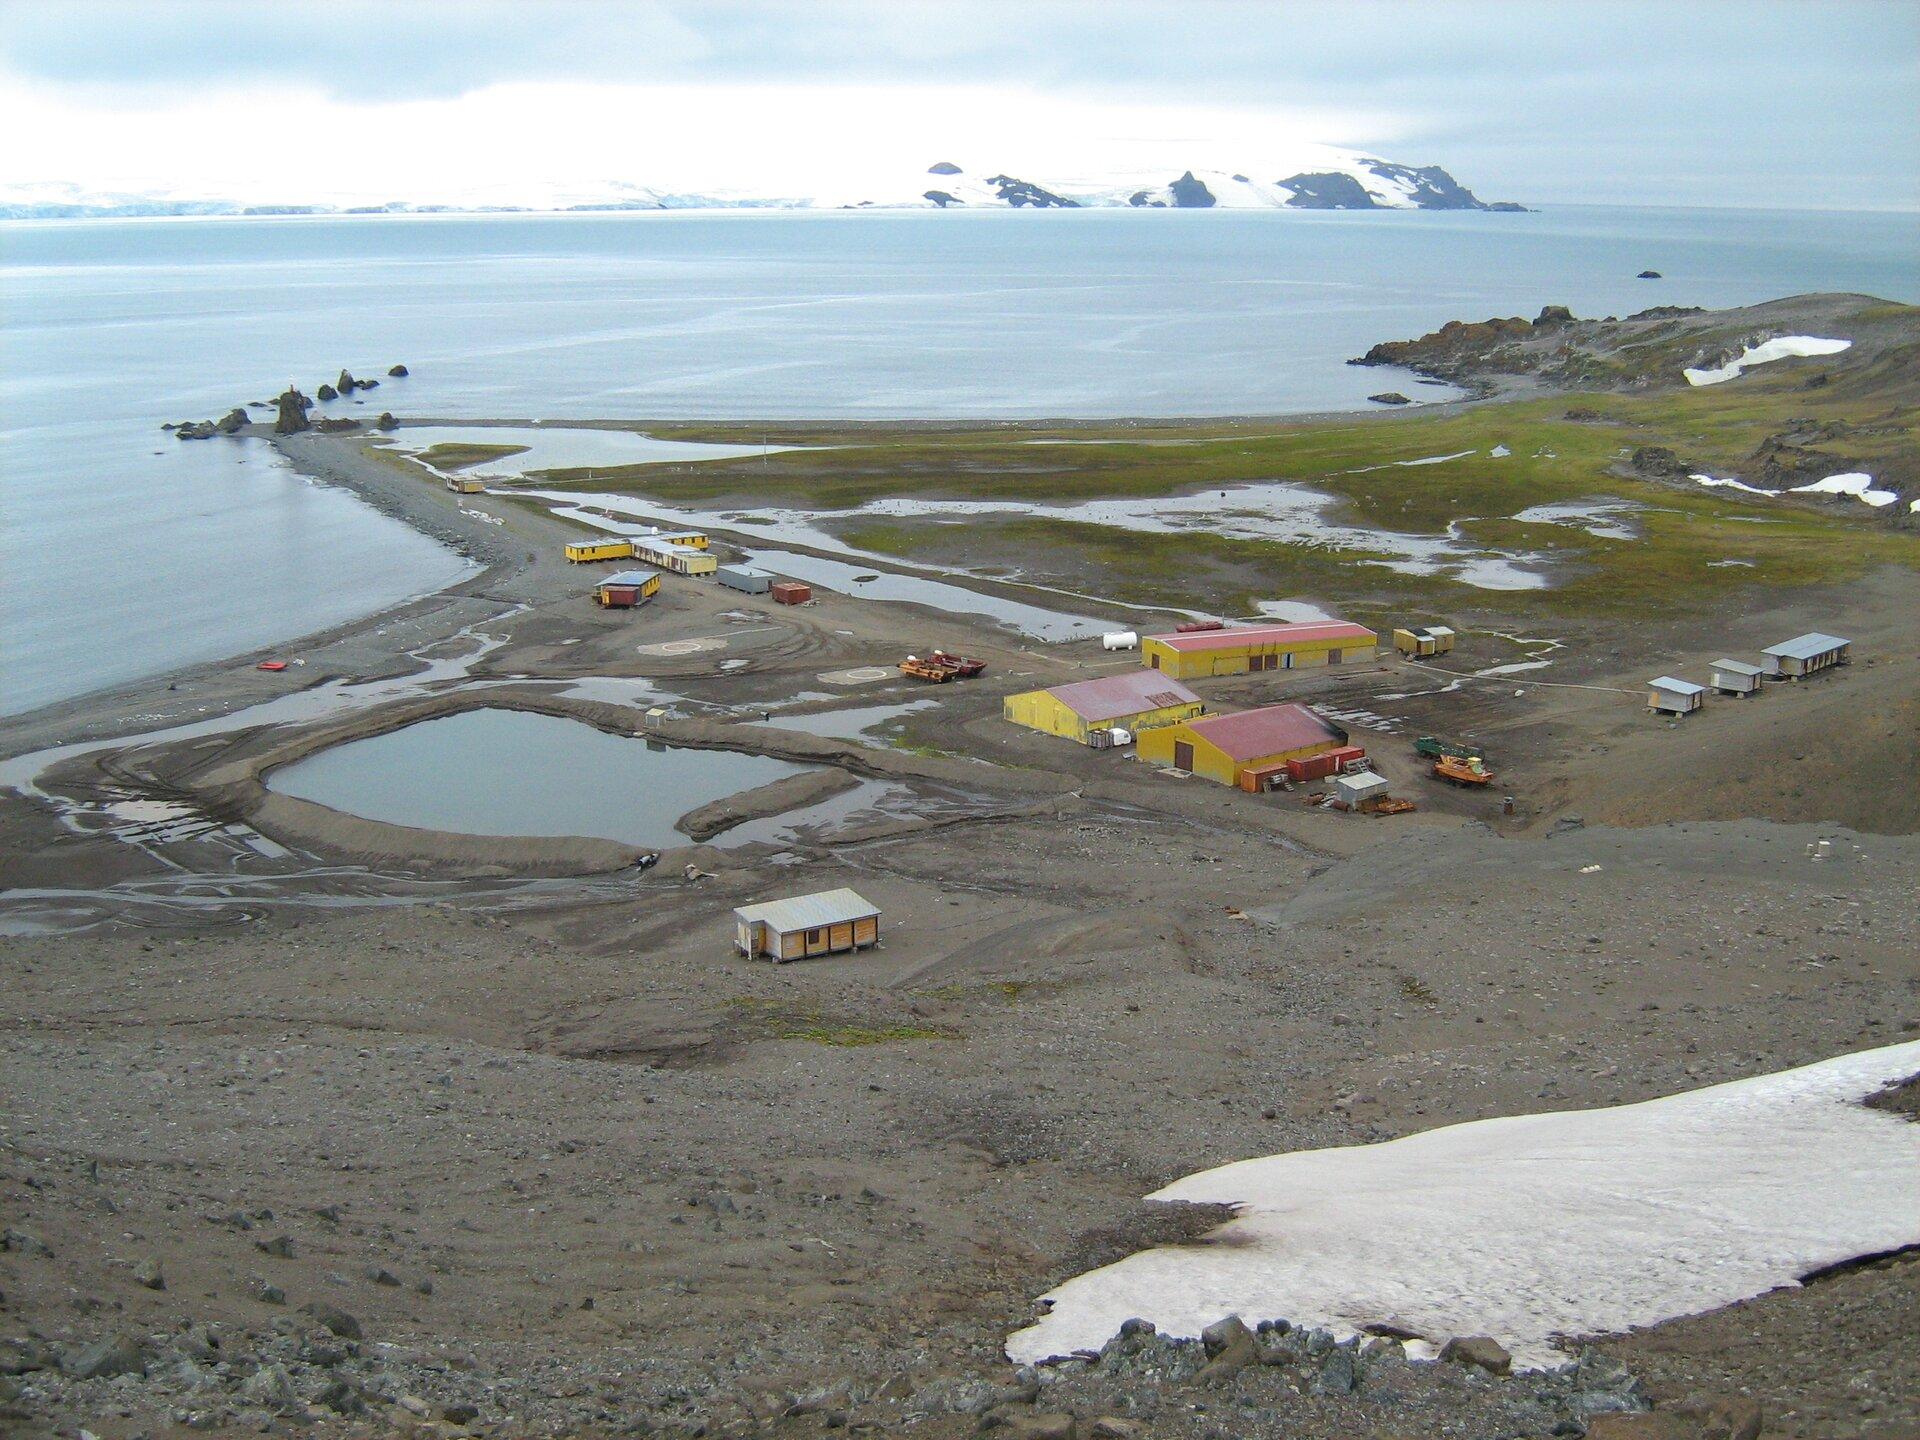 Fotografia wykonana zwysokości prezentuje Polską Stację Arktyczną im. Henryka Arctowskiego. Widoczny płaski teren nad morzem zniskimi prostokątnymi budynkami różnej wielkości oraz koloru żółtego ibiałego. Część trenu pokryte jest stojącą wodą ztopniejącego śniegu.